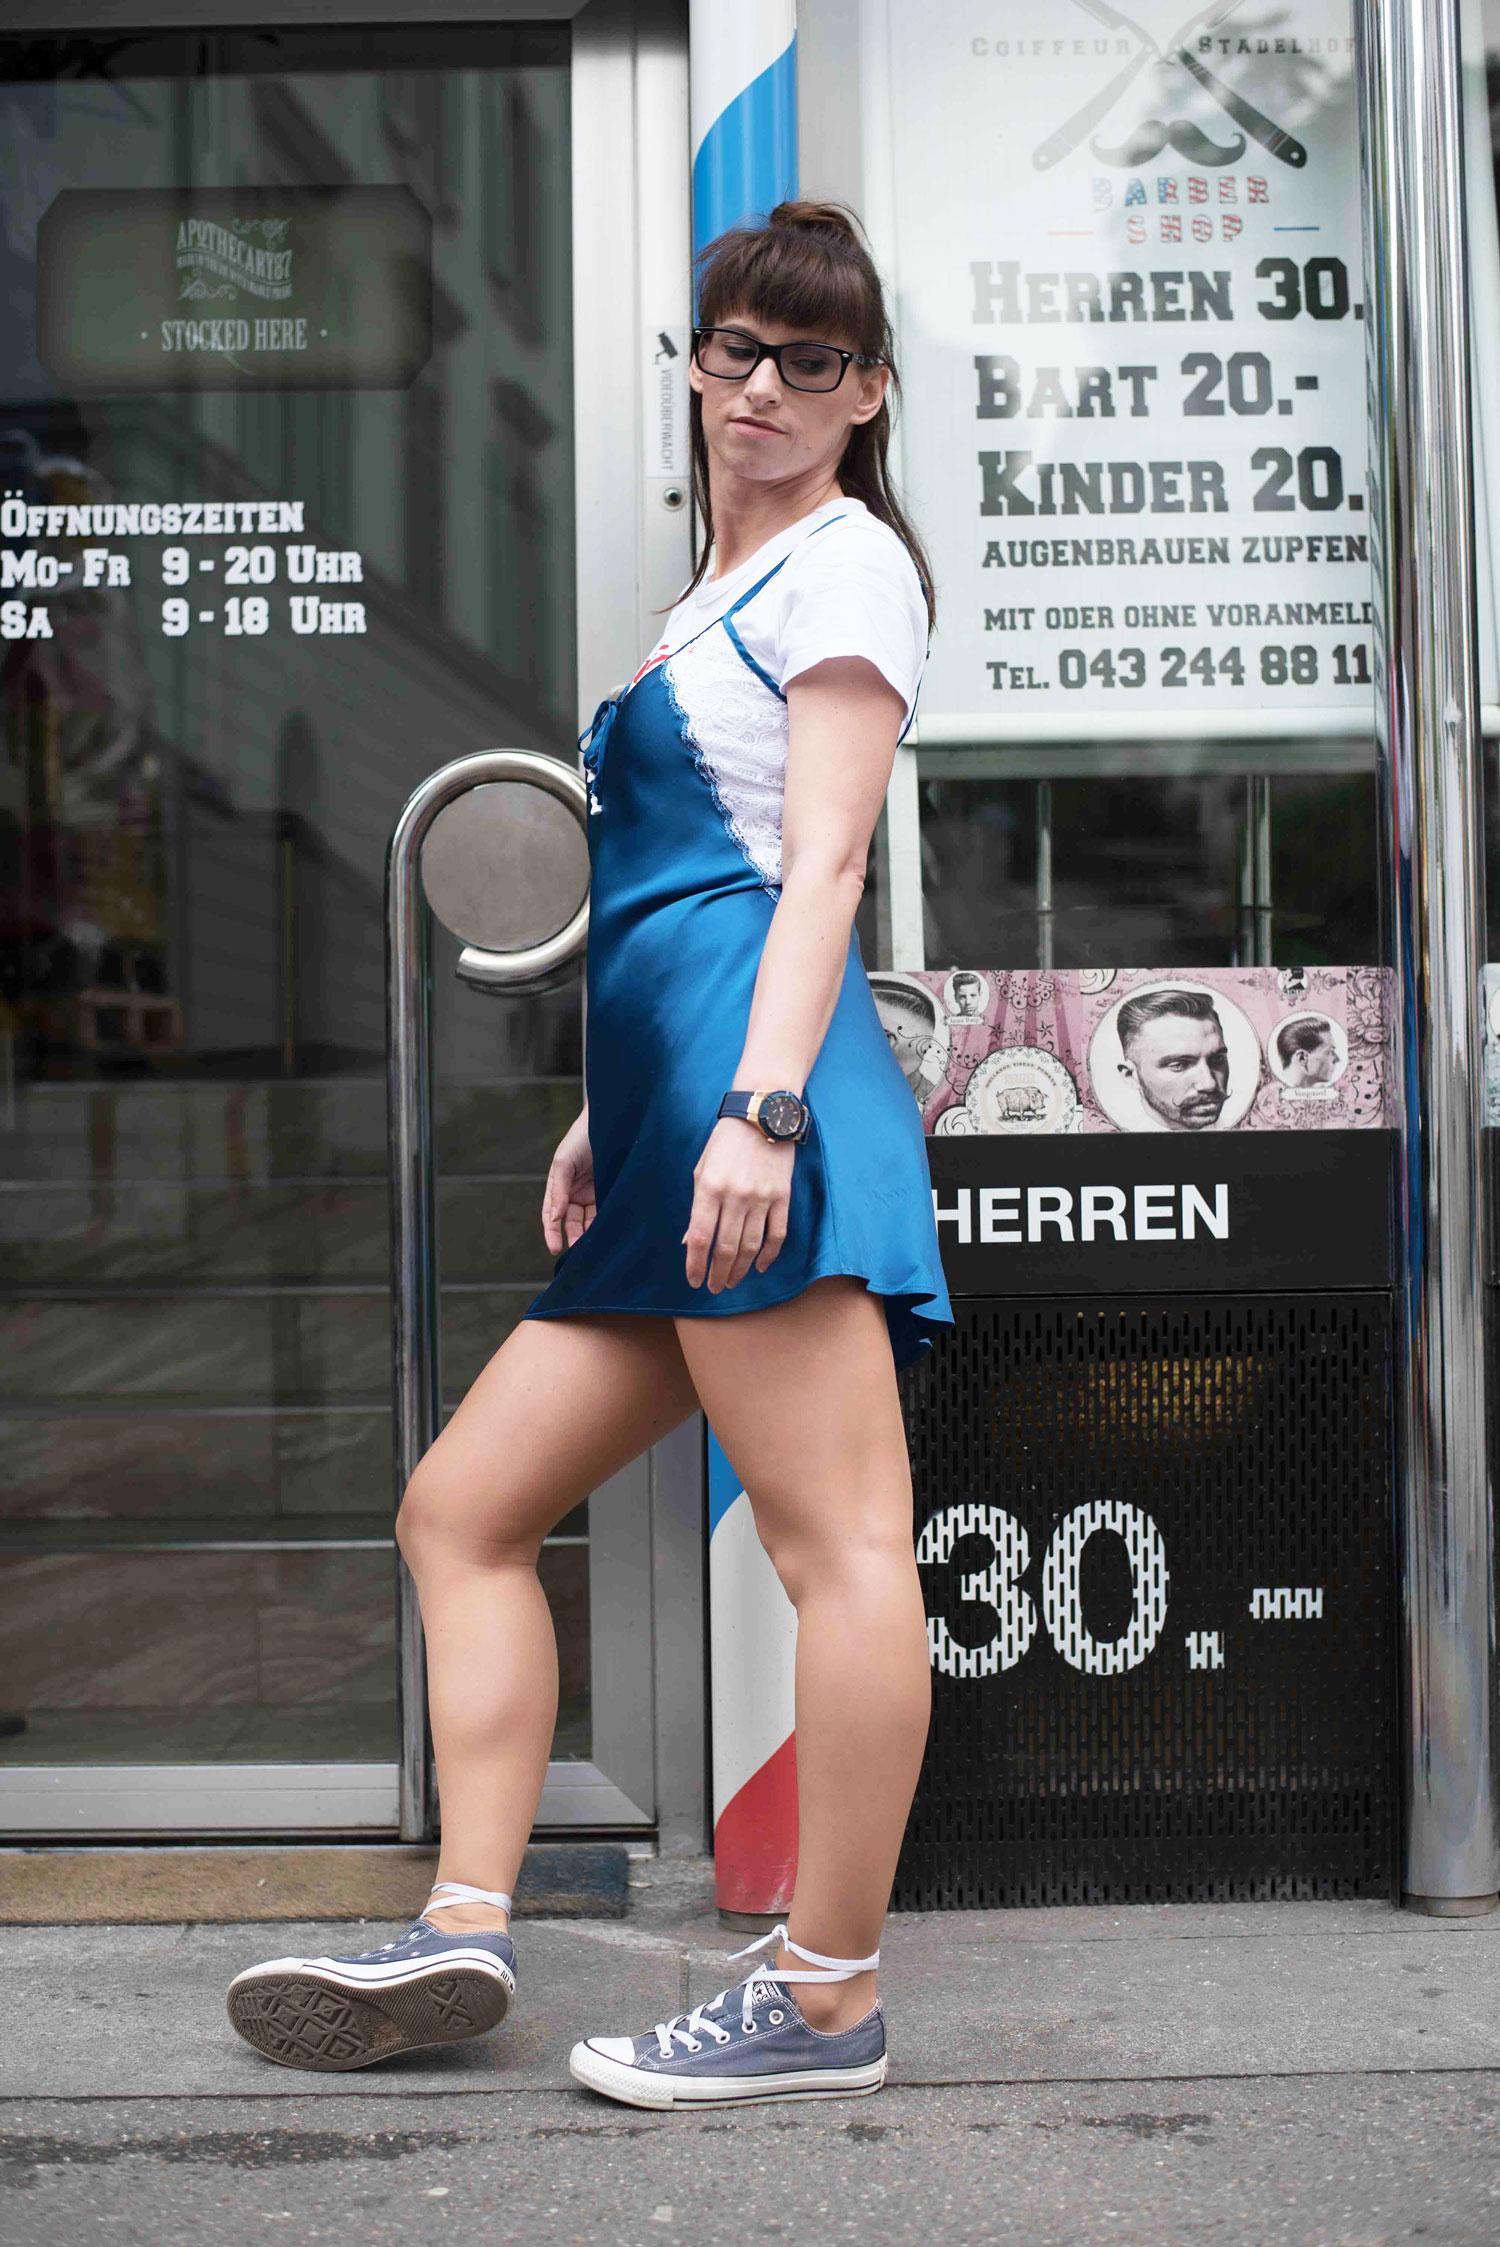 Bulli: Slipdress von Intimissimi, T-Shirt von Zara, Sneakers von Converse all star